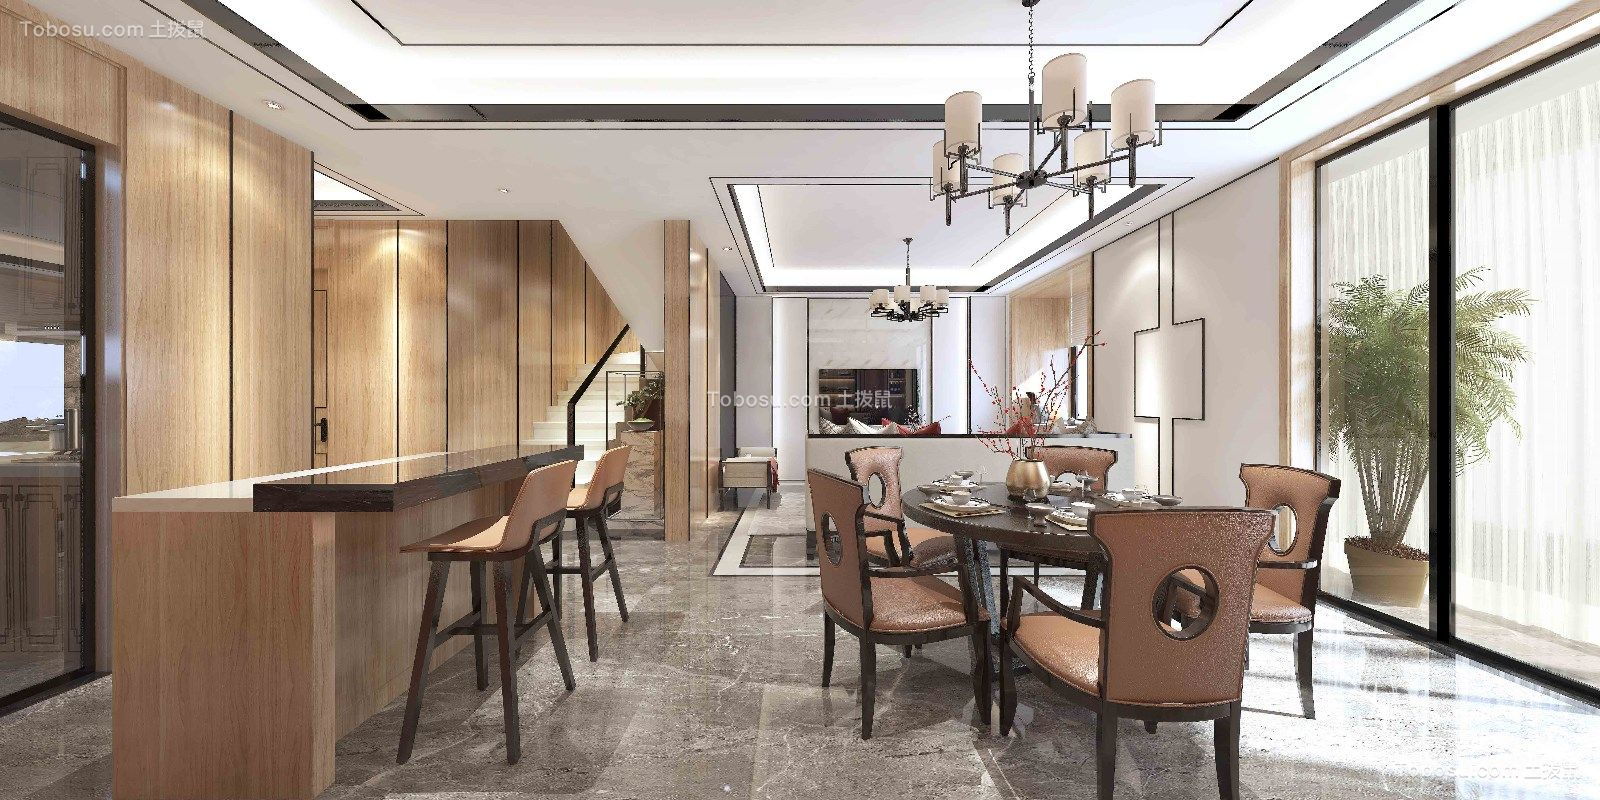 2020新中式餐厅效果图 2020新中式细节装饰设计